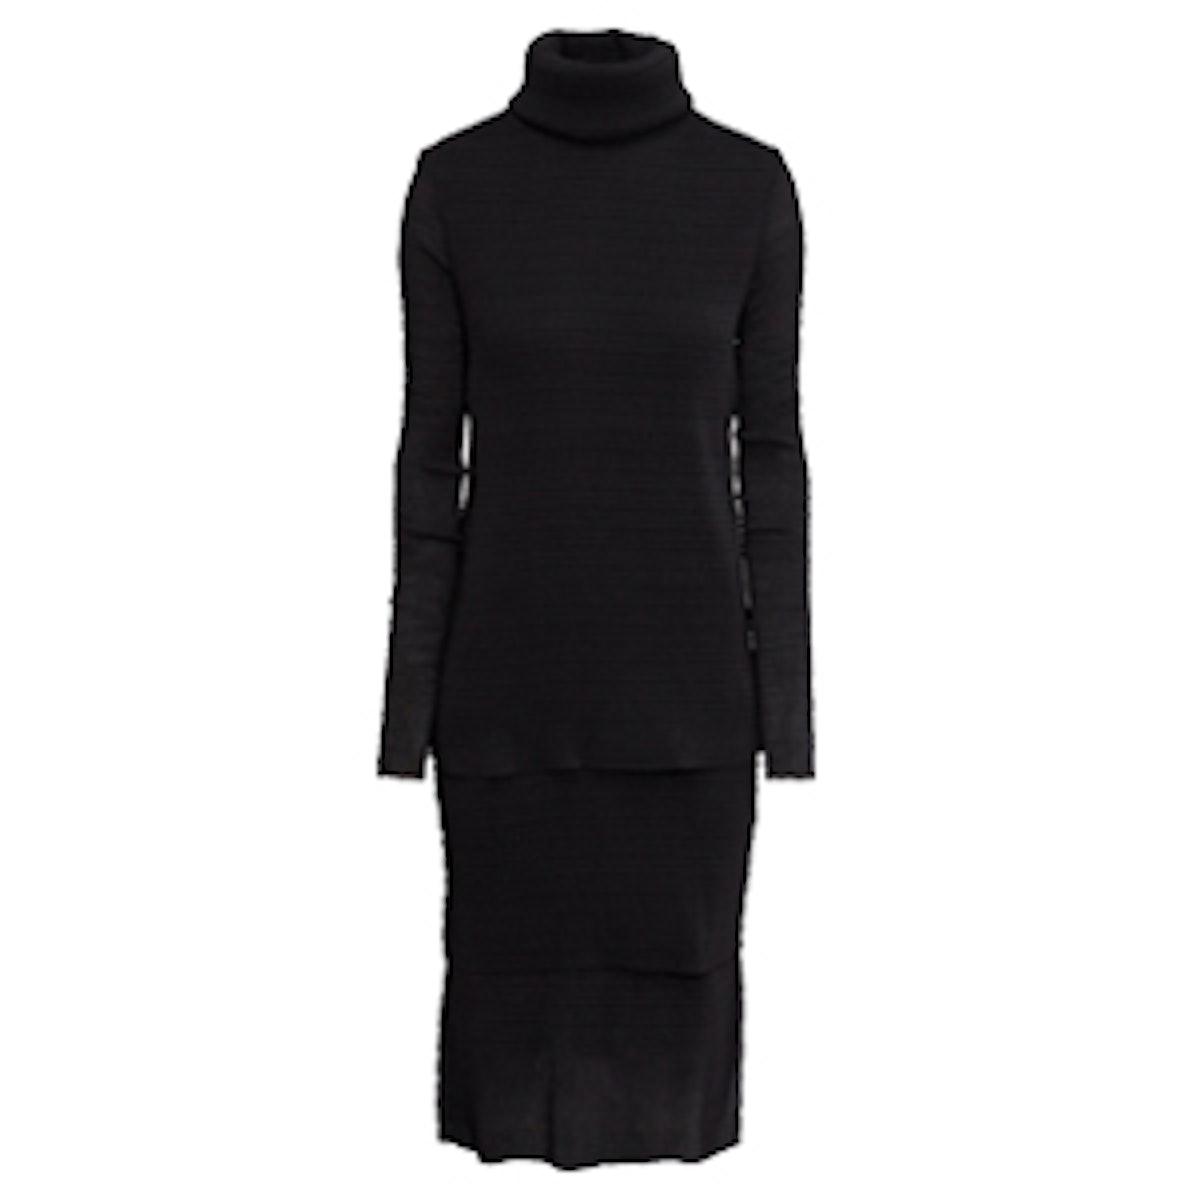 Crinkled Turtleneck Dress